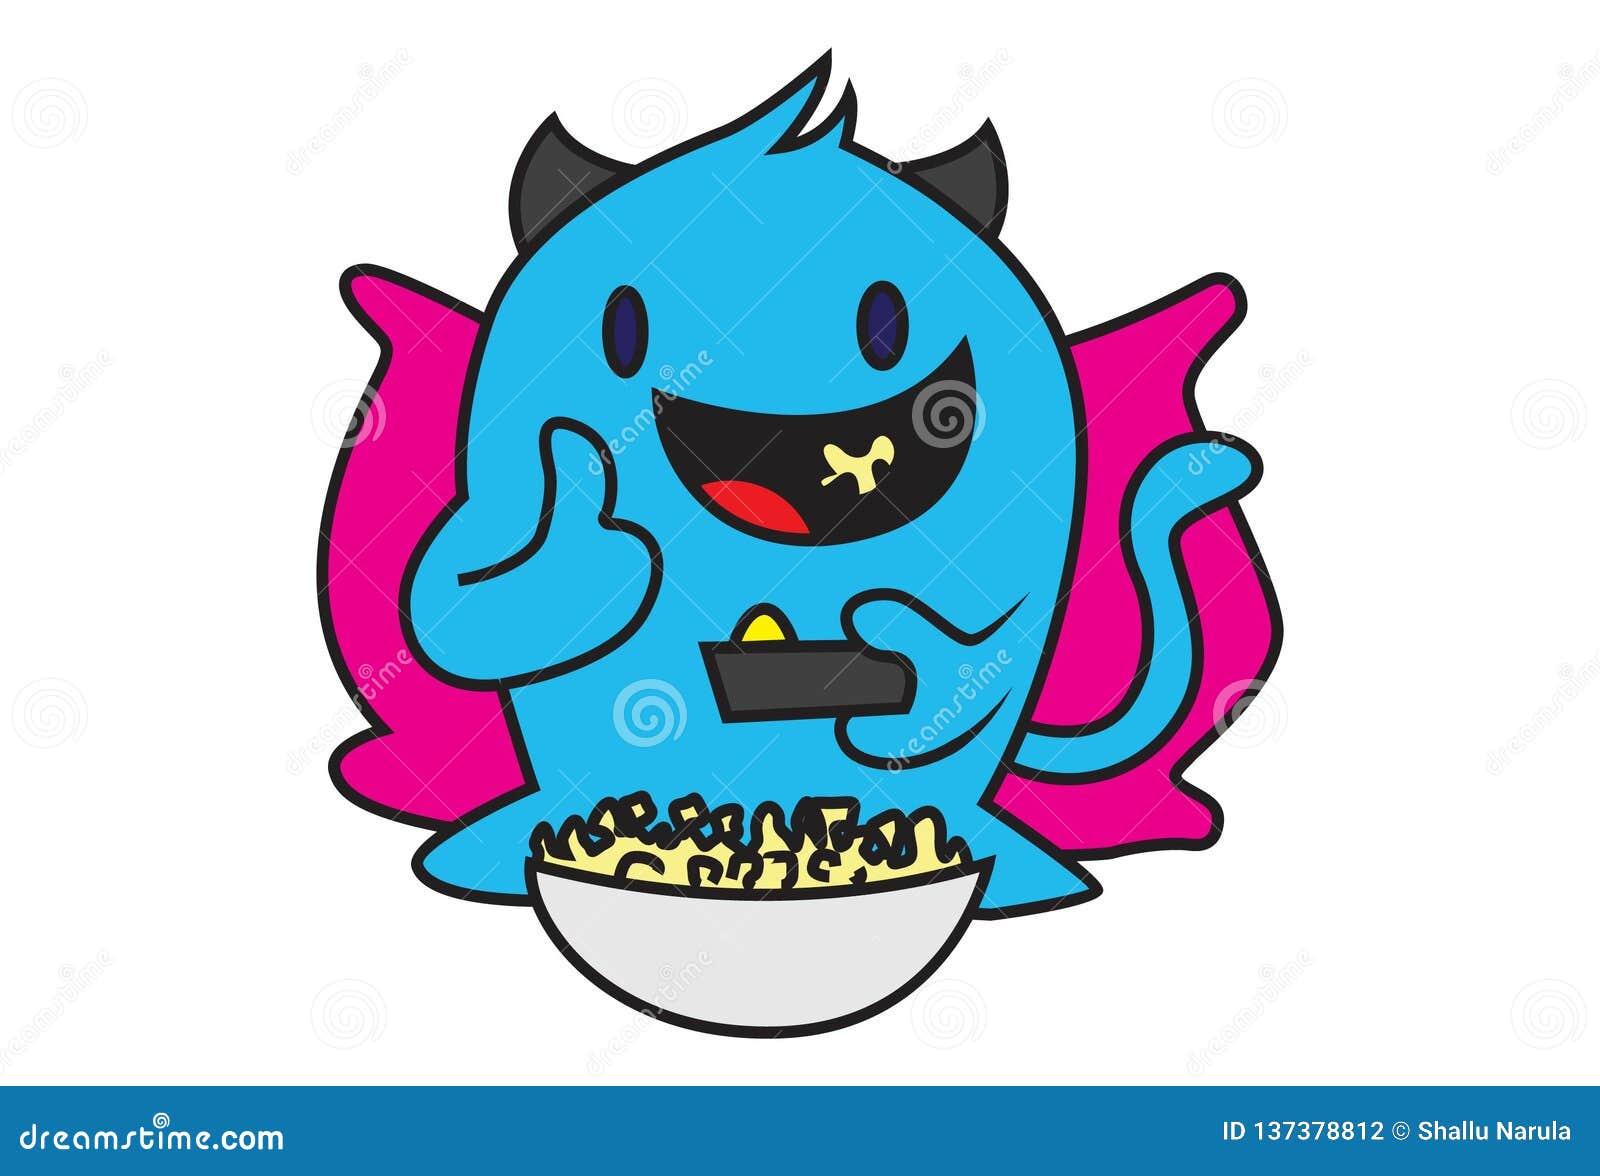 Cartoon Illustration Of Blue Monster